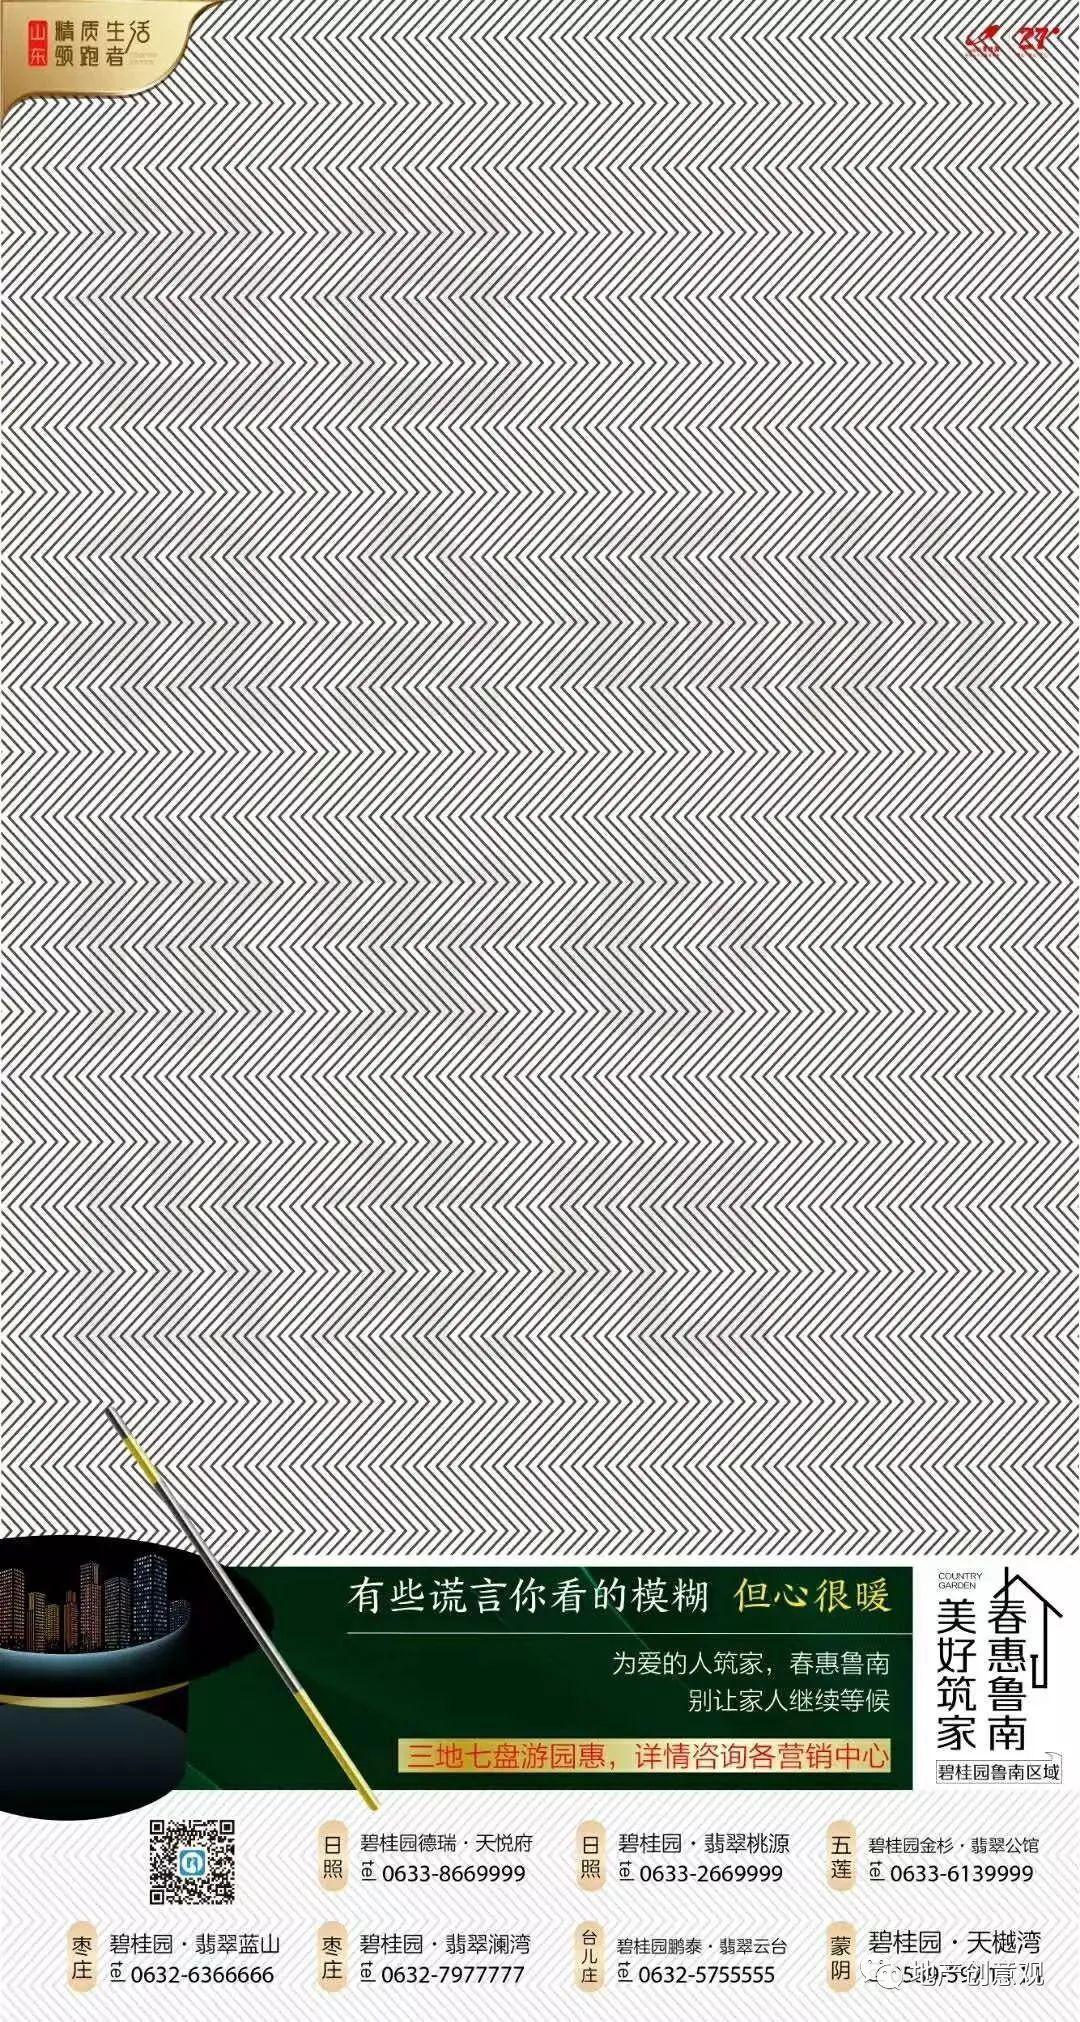 地产广告丨2021愚人节借势海报文案欣赏~插图49